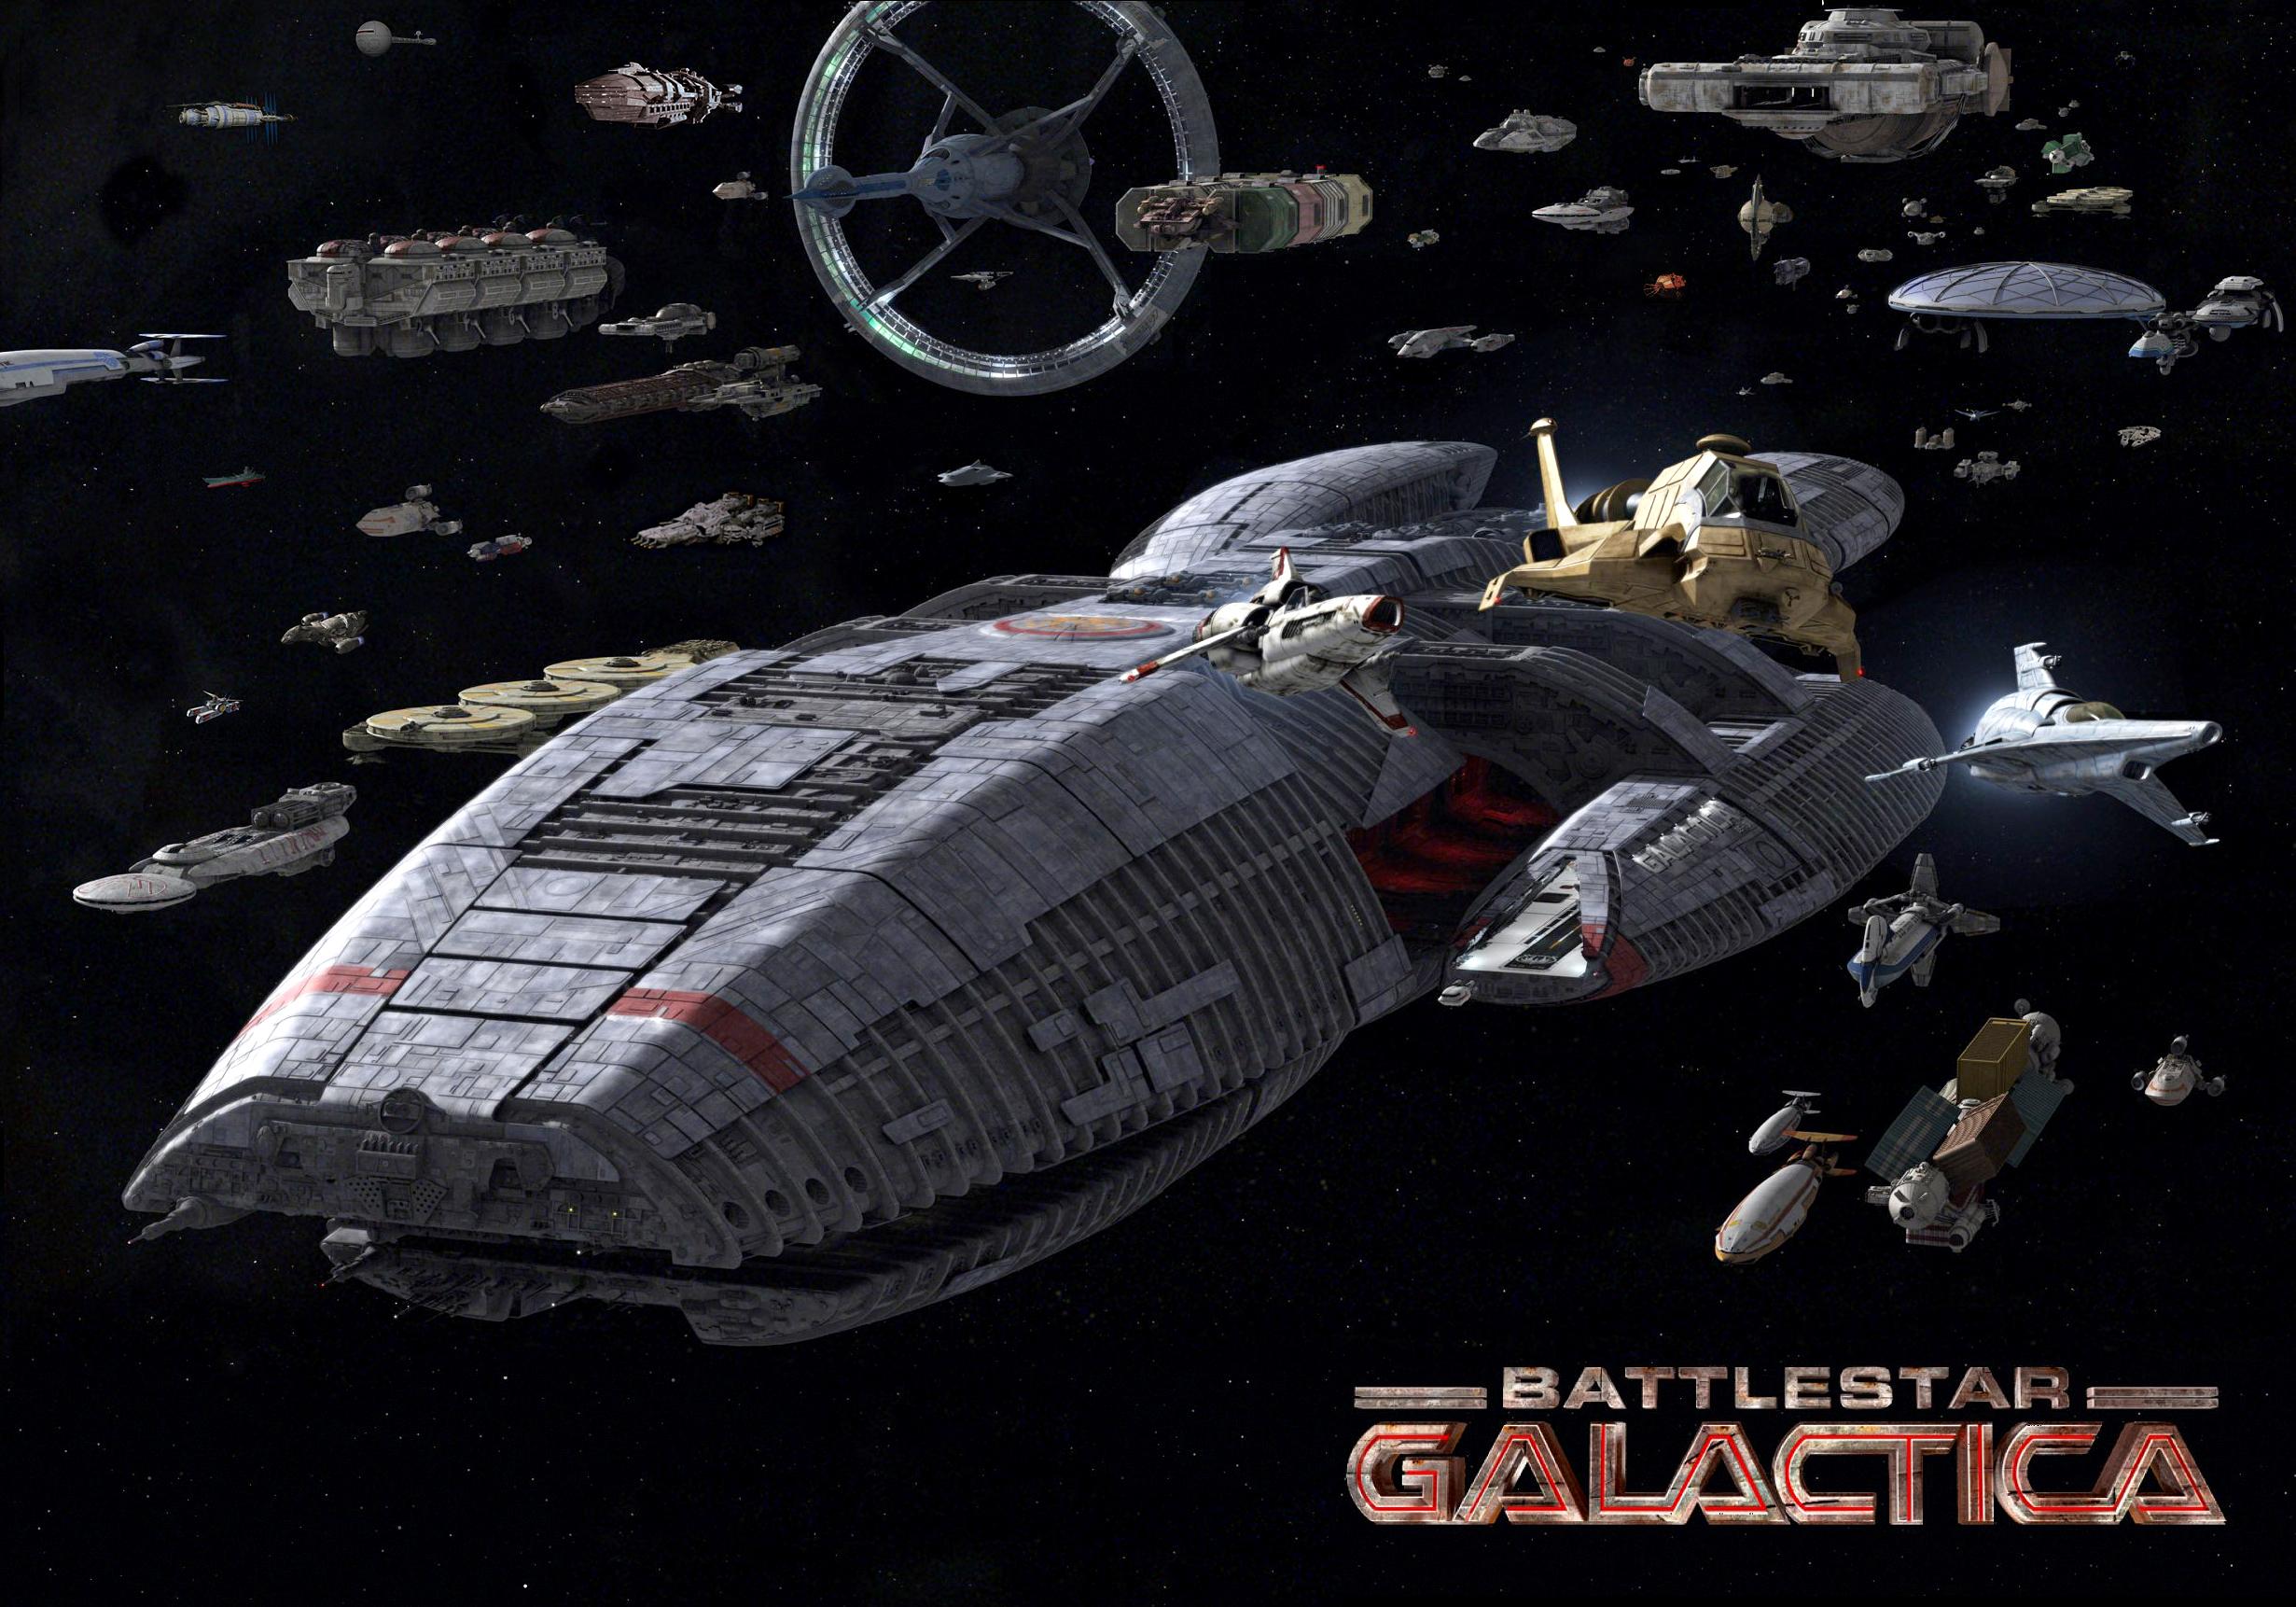 Battlestar Galactica New Feature Film